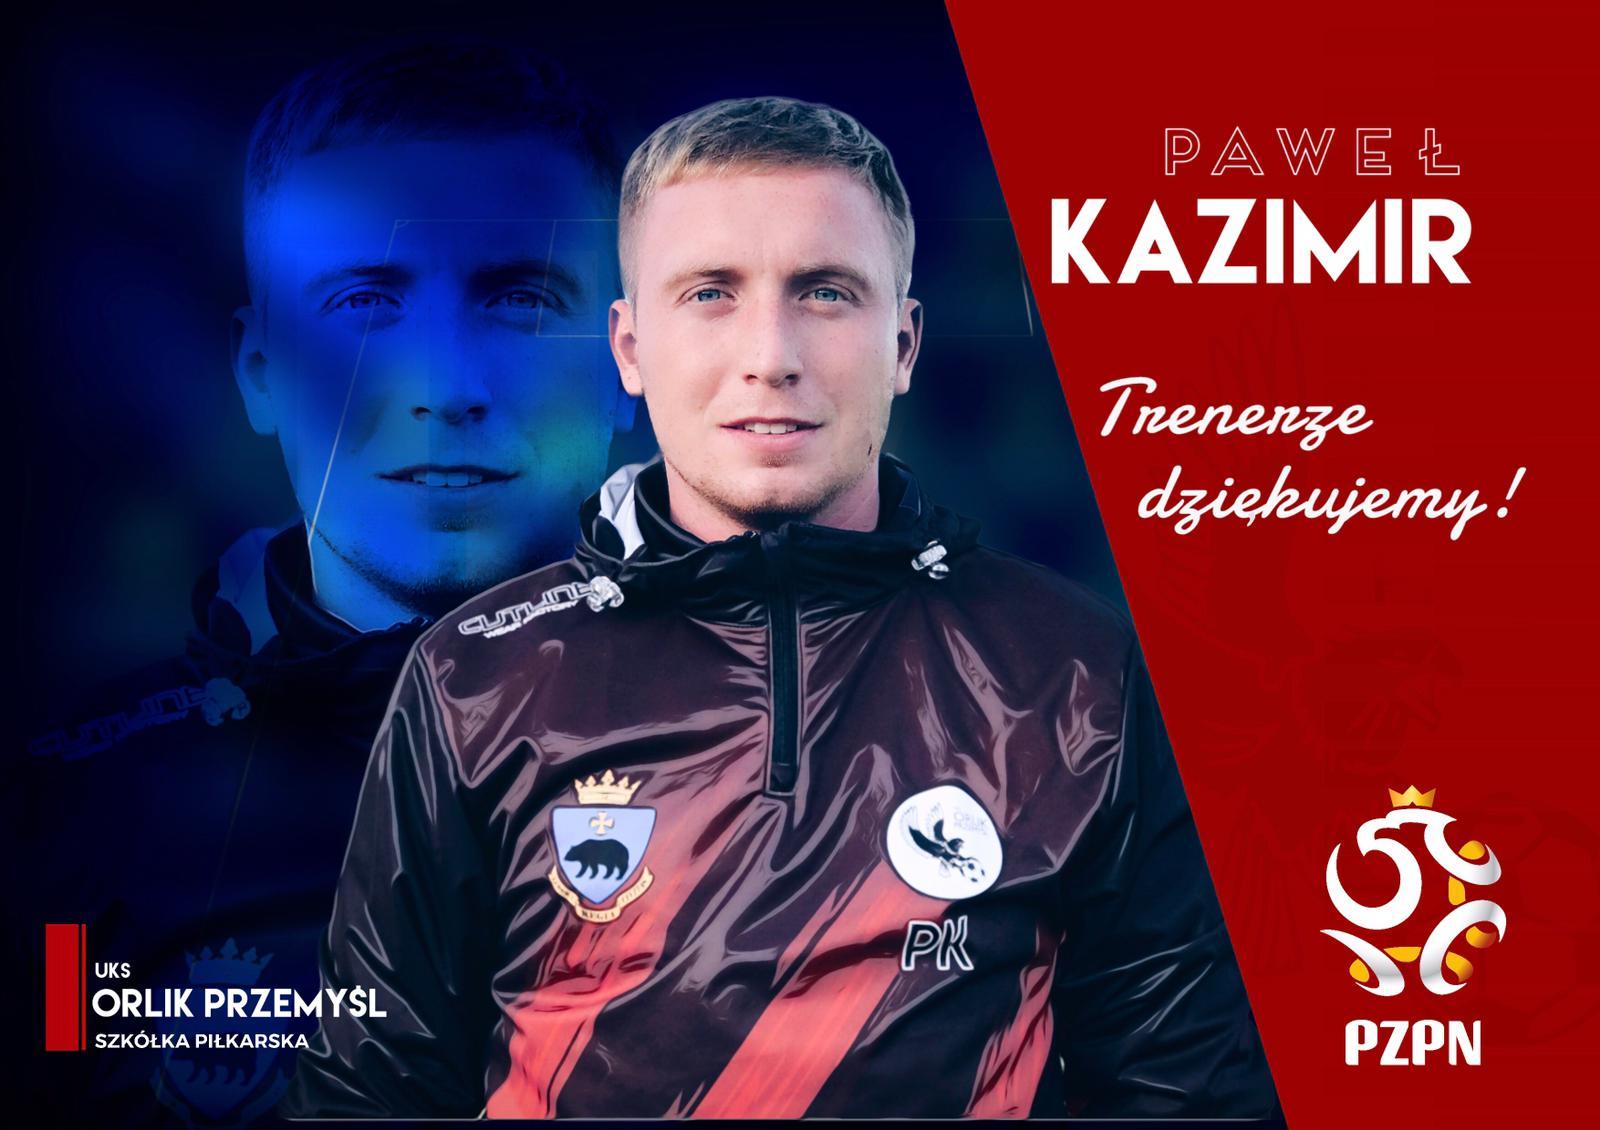 Paweł Kazimir